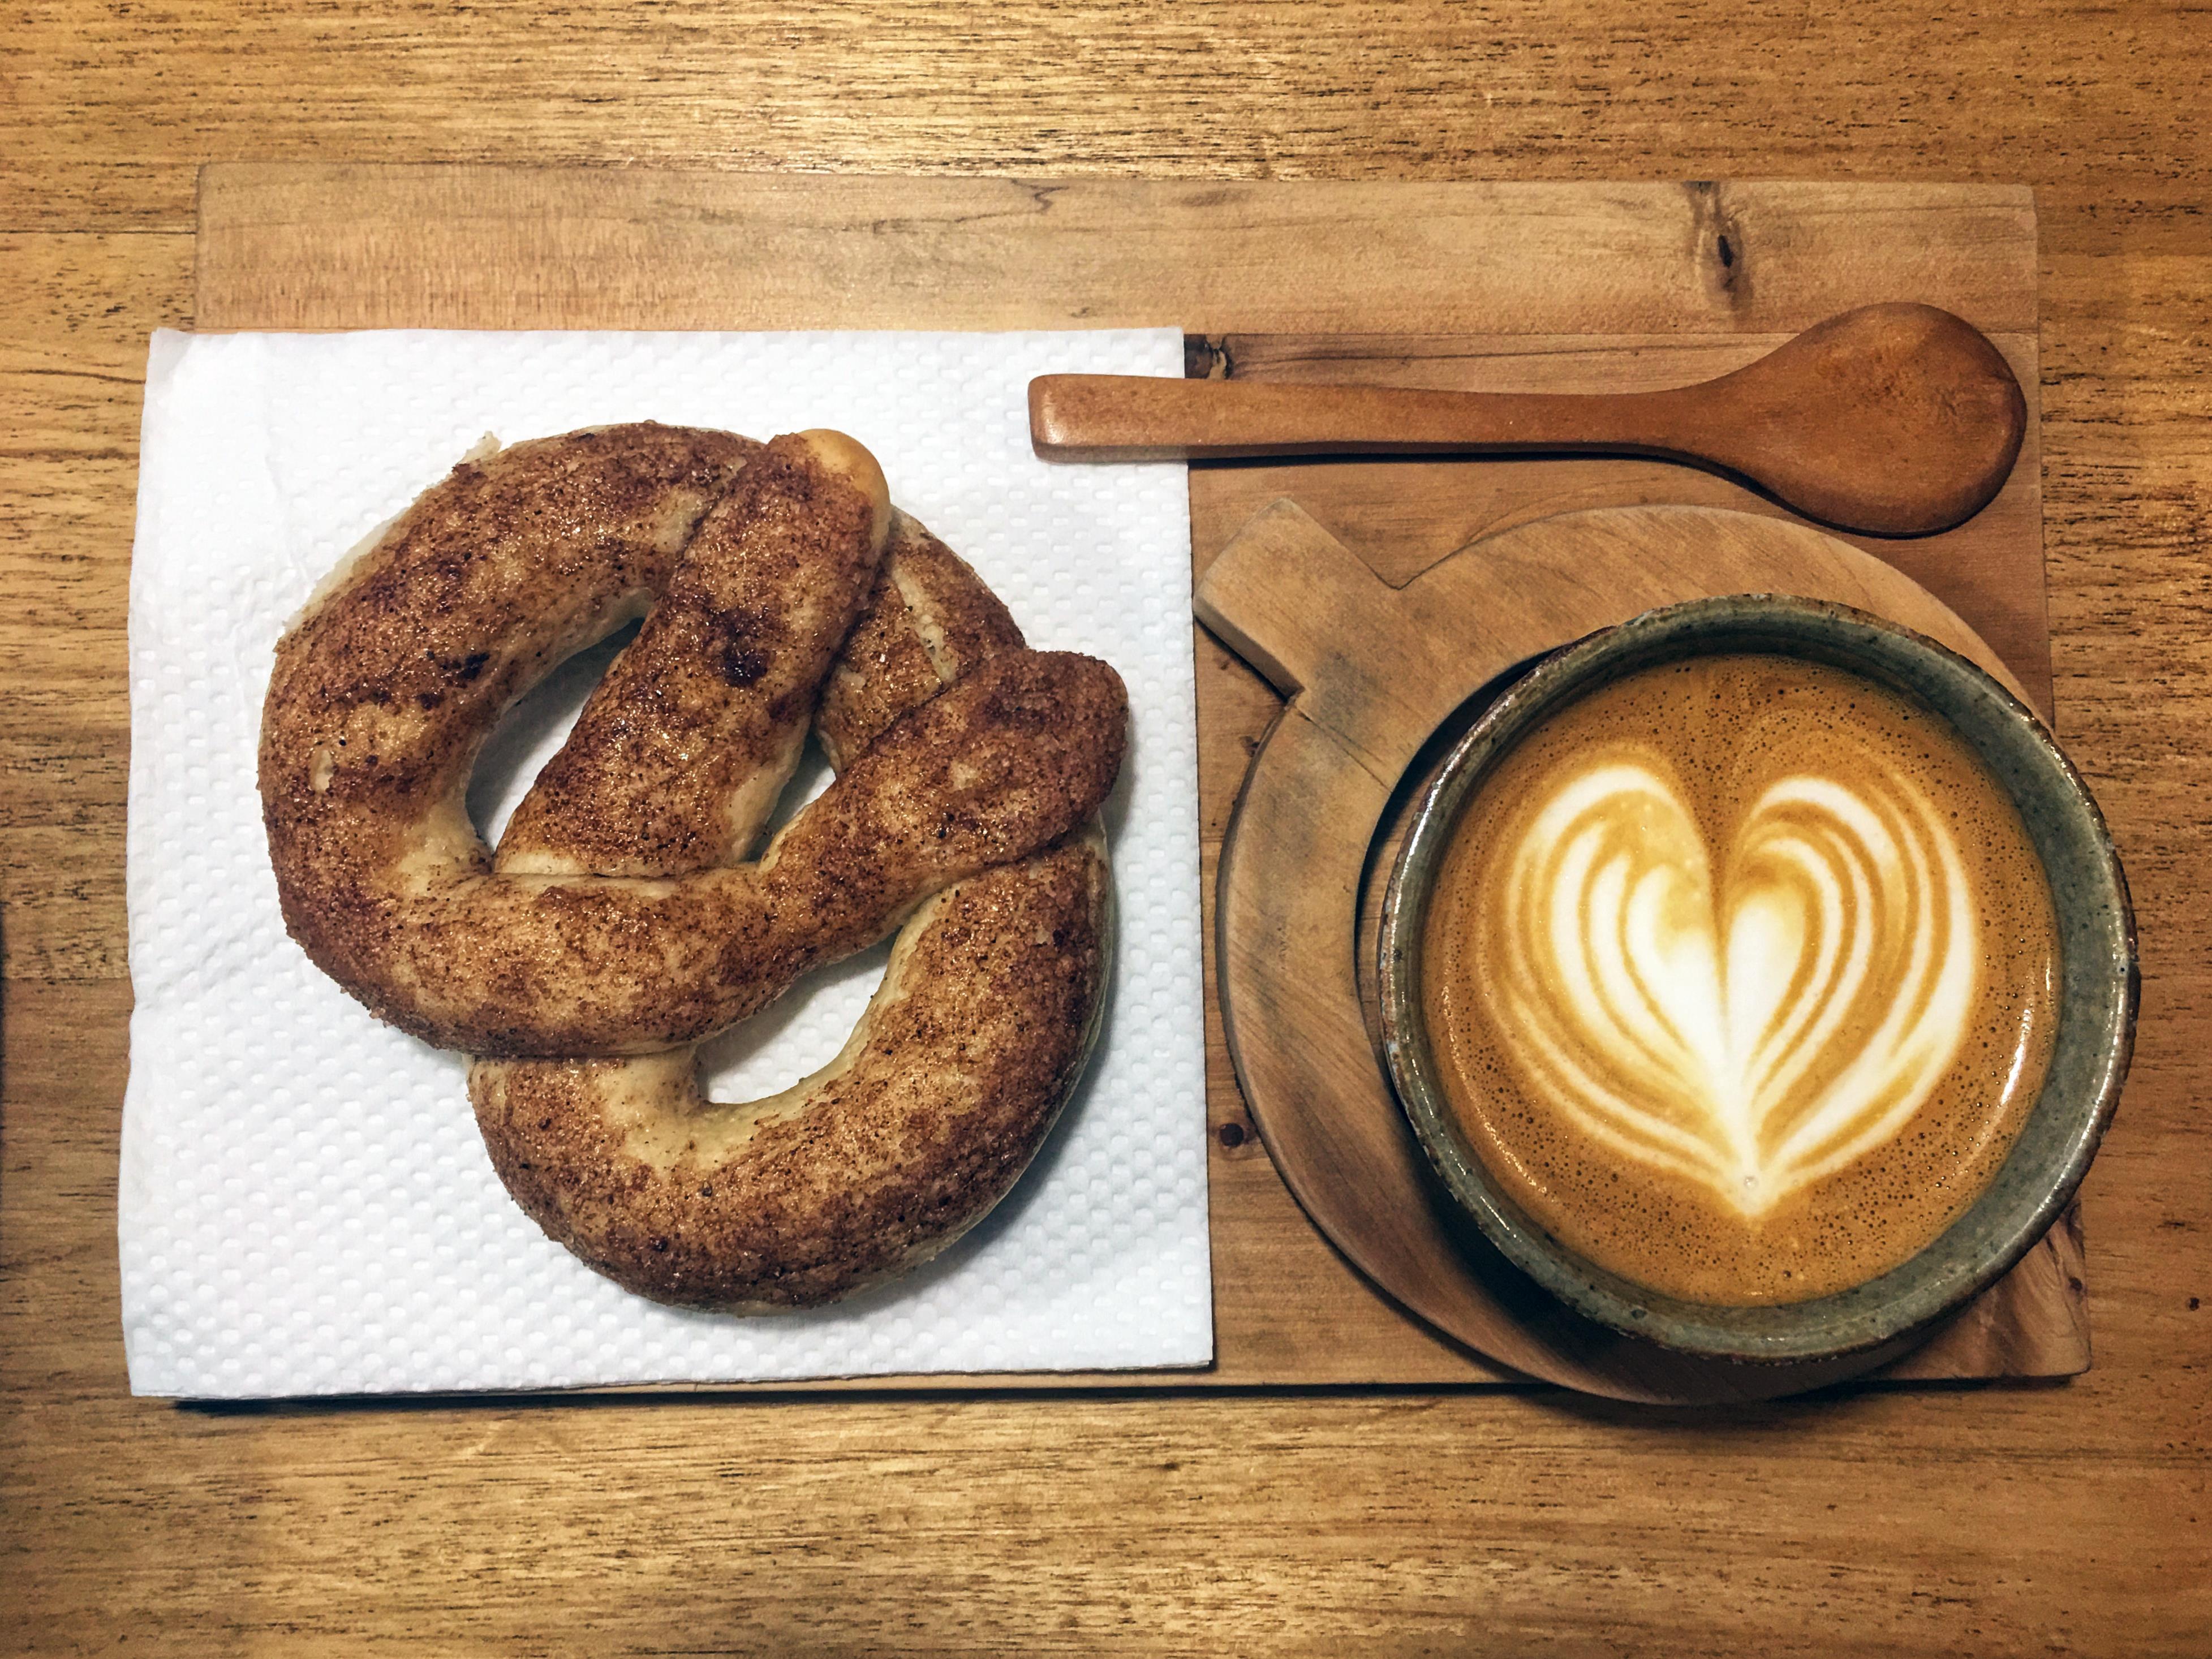 Une pâtisserie et un café appétissants.